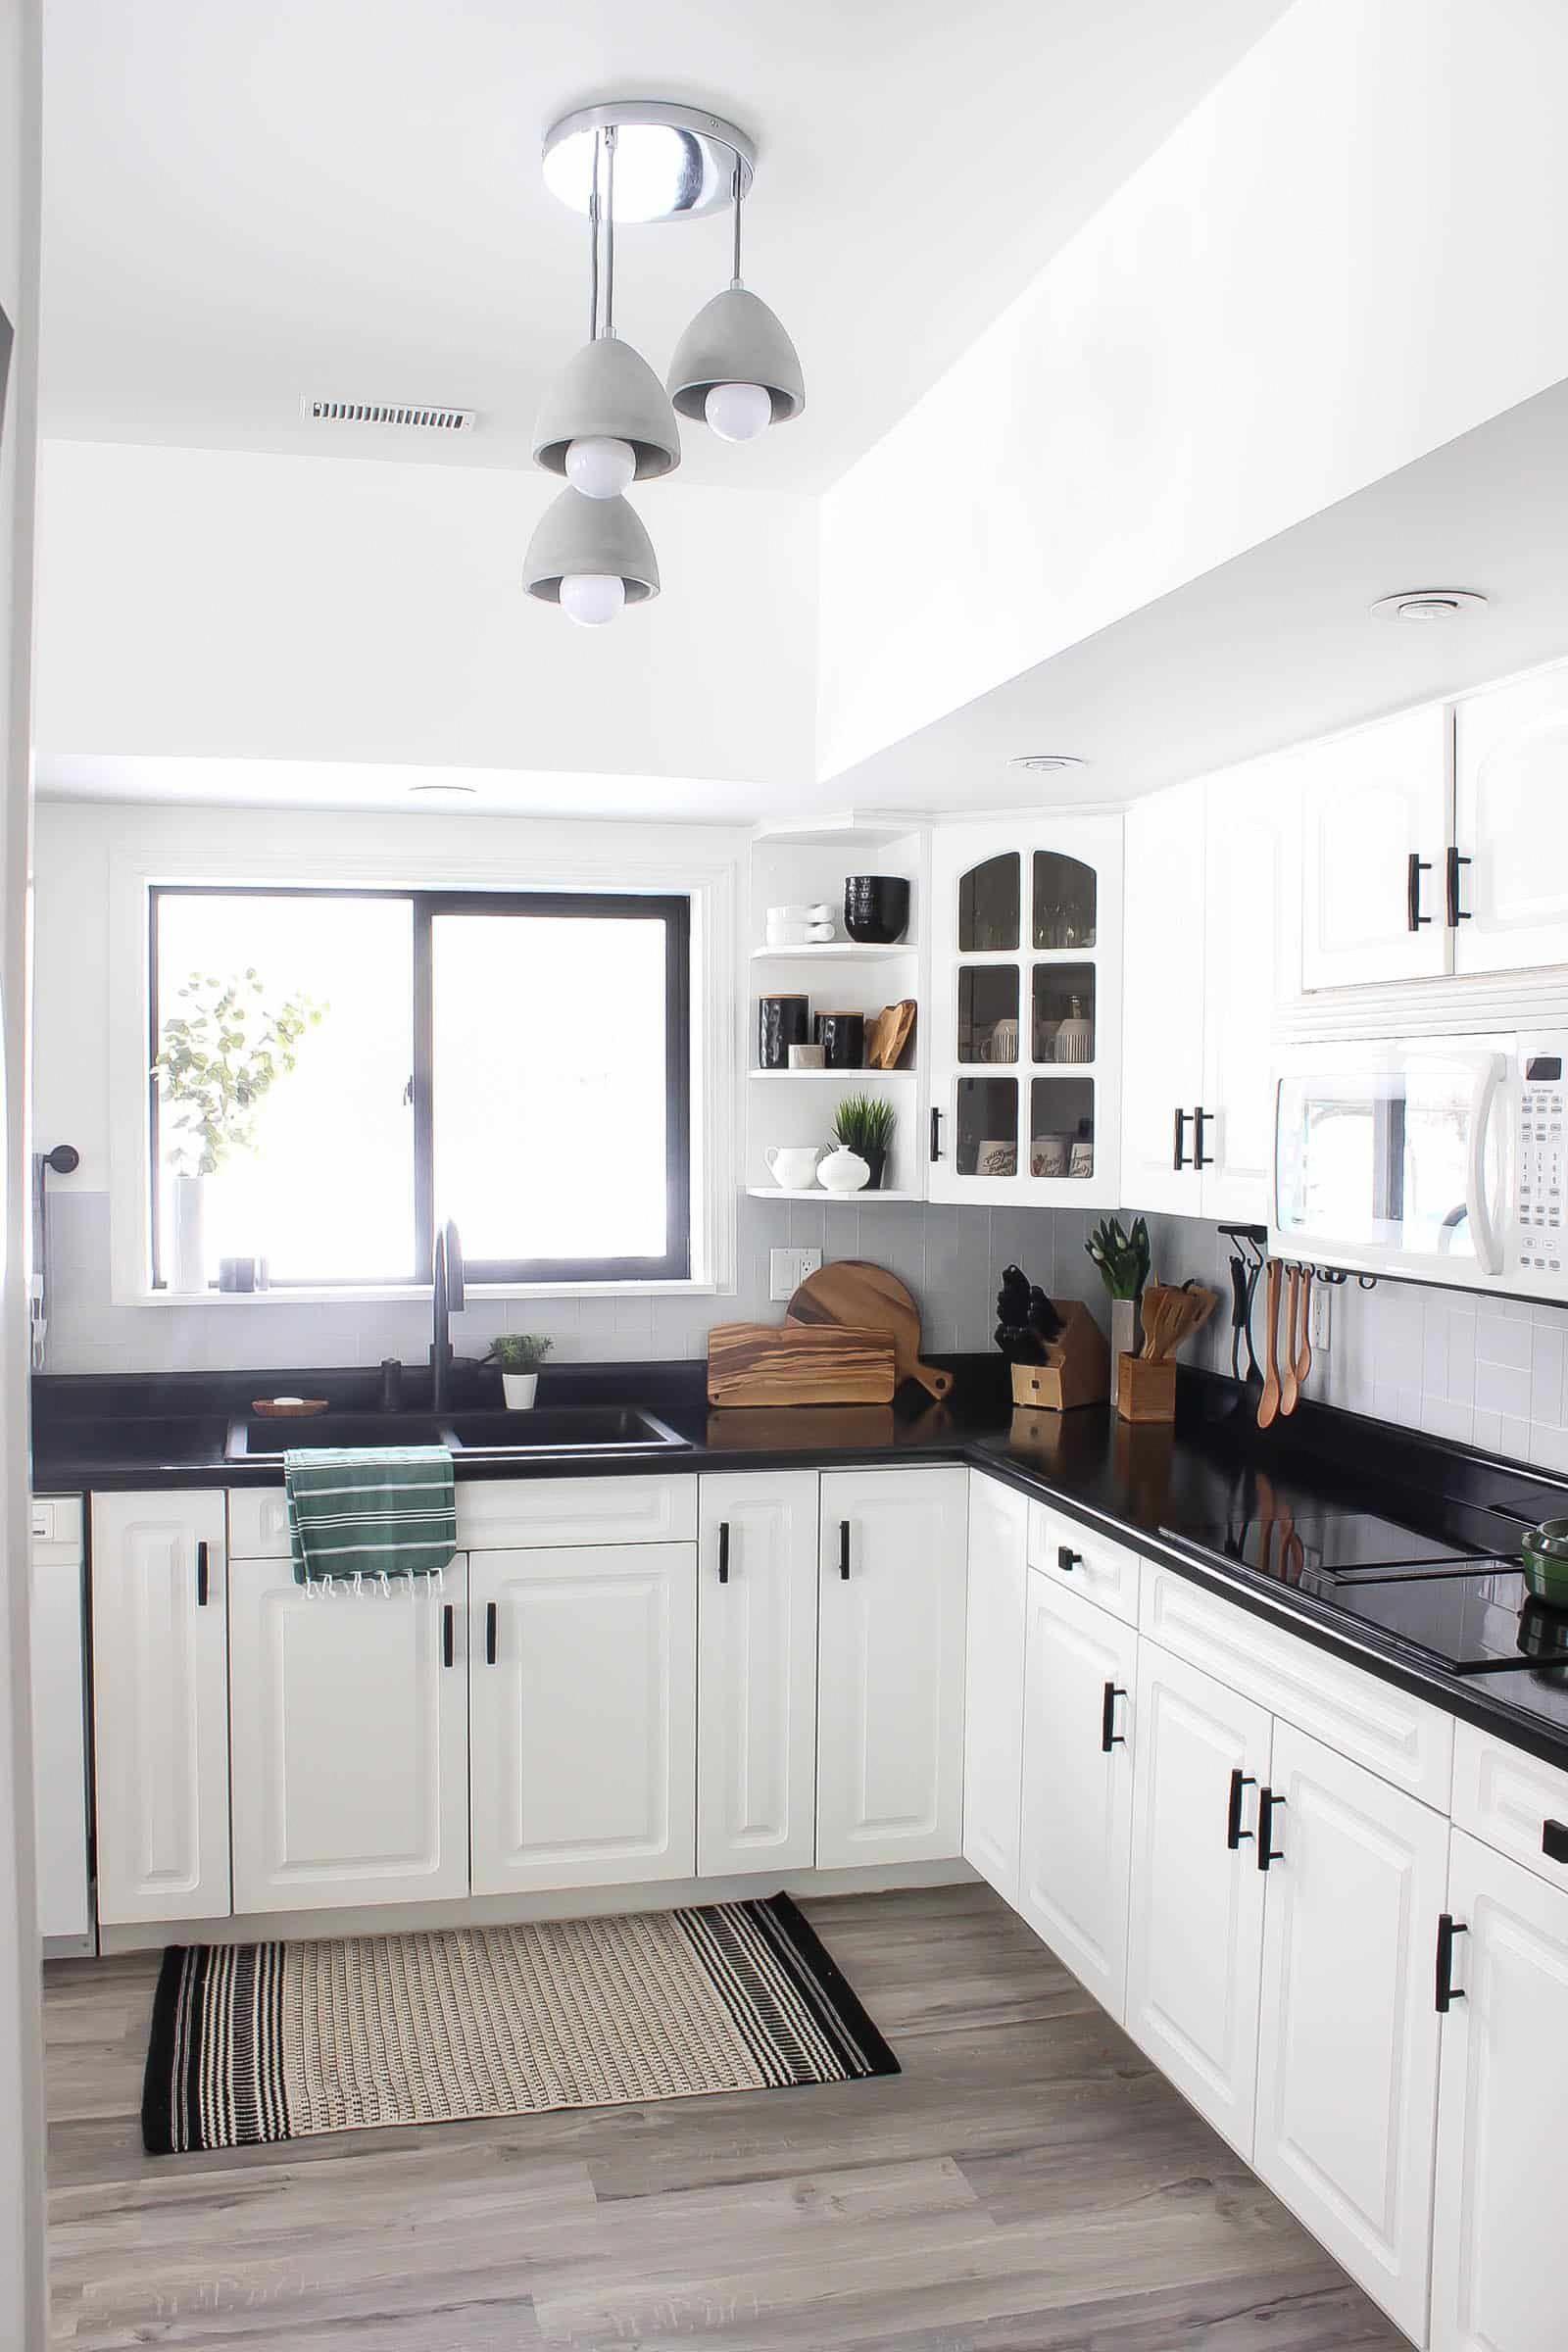 White Kitchen With Matte Black Hardware